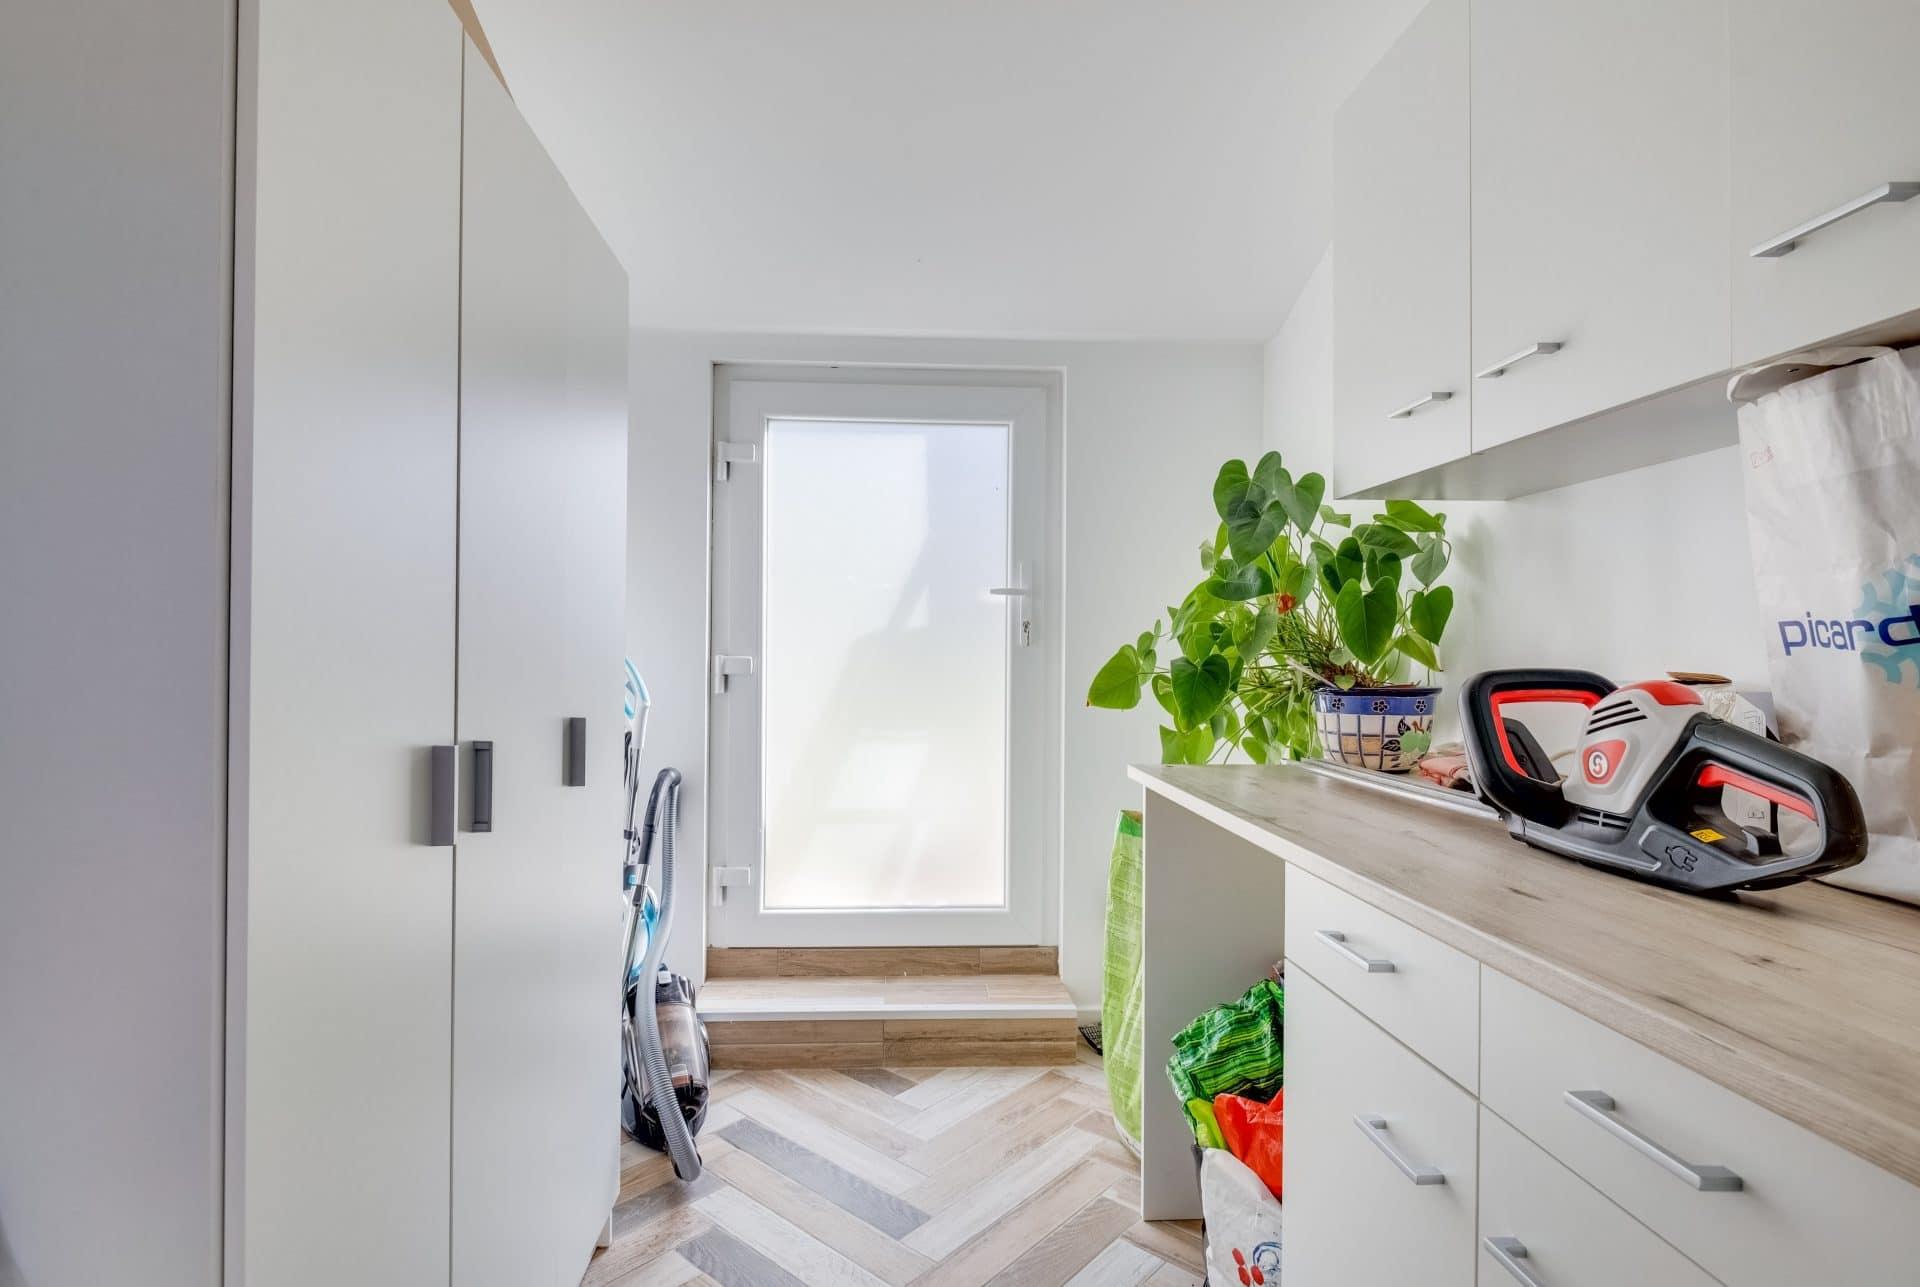 Maison de plain pied totalement rénovée à Bron (69)